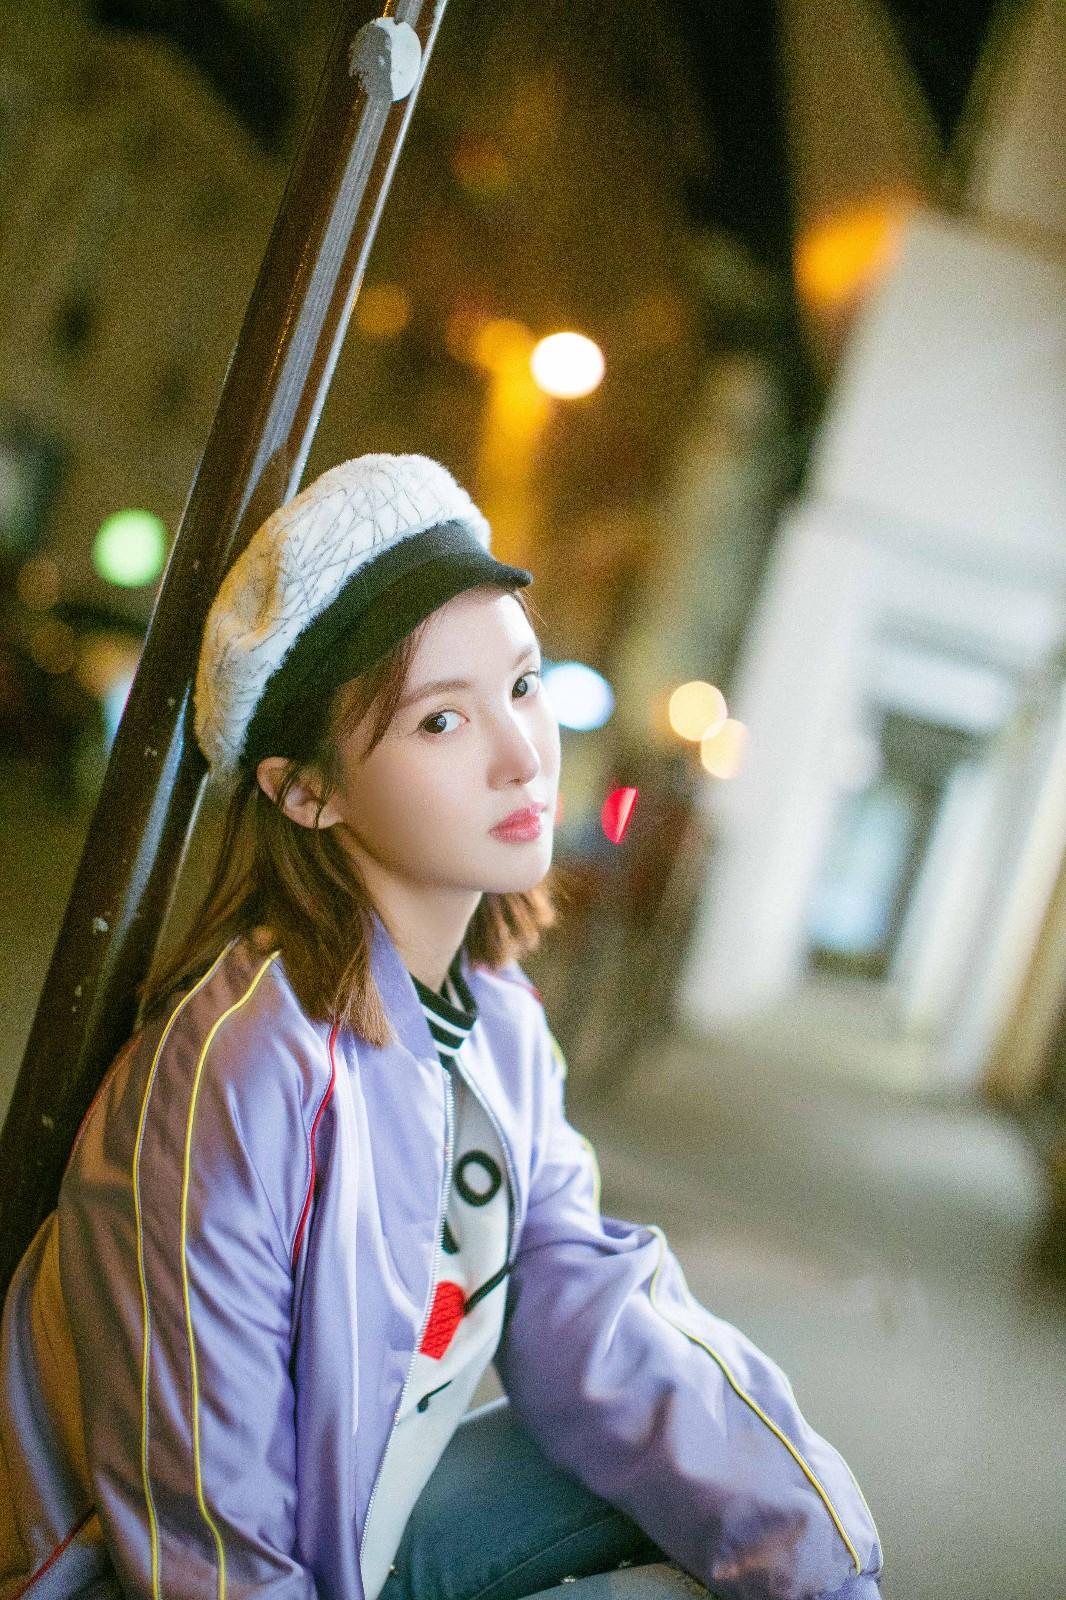 金晨最新街拍照曝光 化身行走巴黎的时髦客